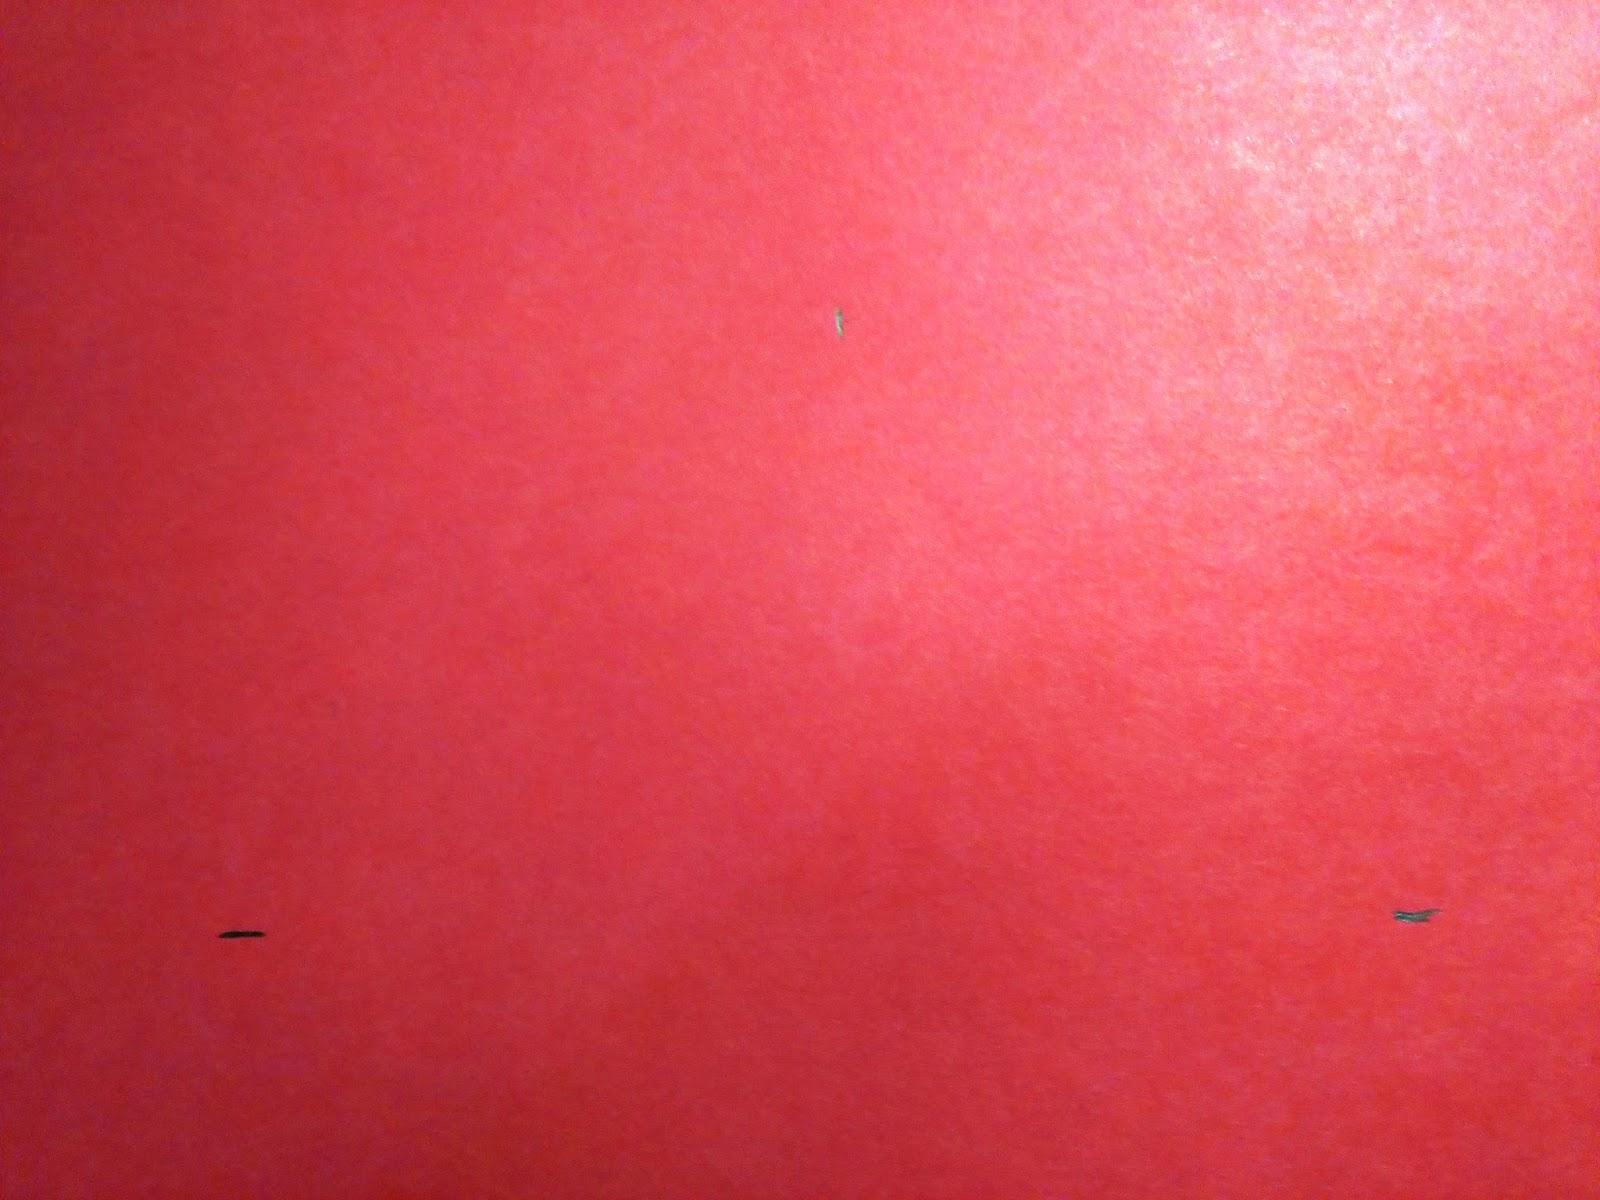 En Hojas De Colores. Uppecase Letra Q Consisten En Hojas De Color ...